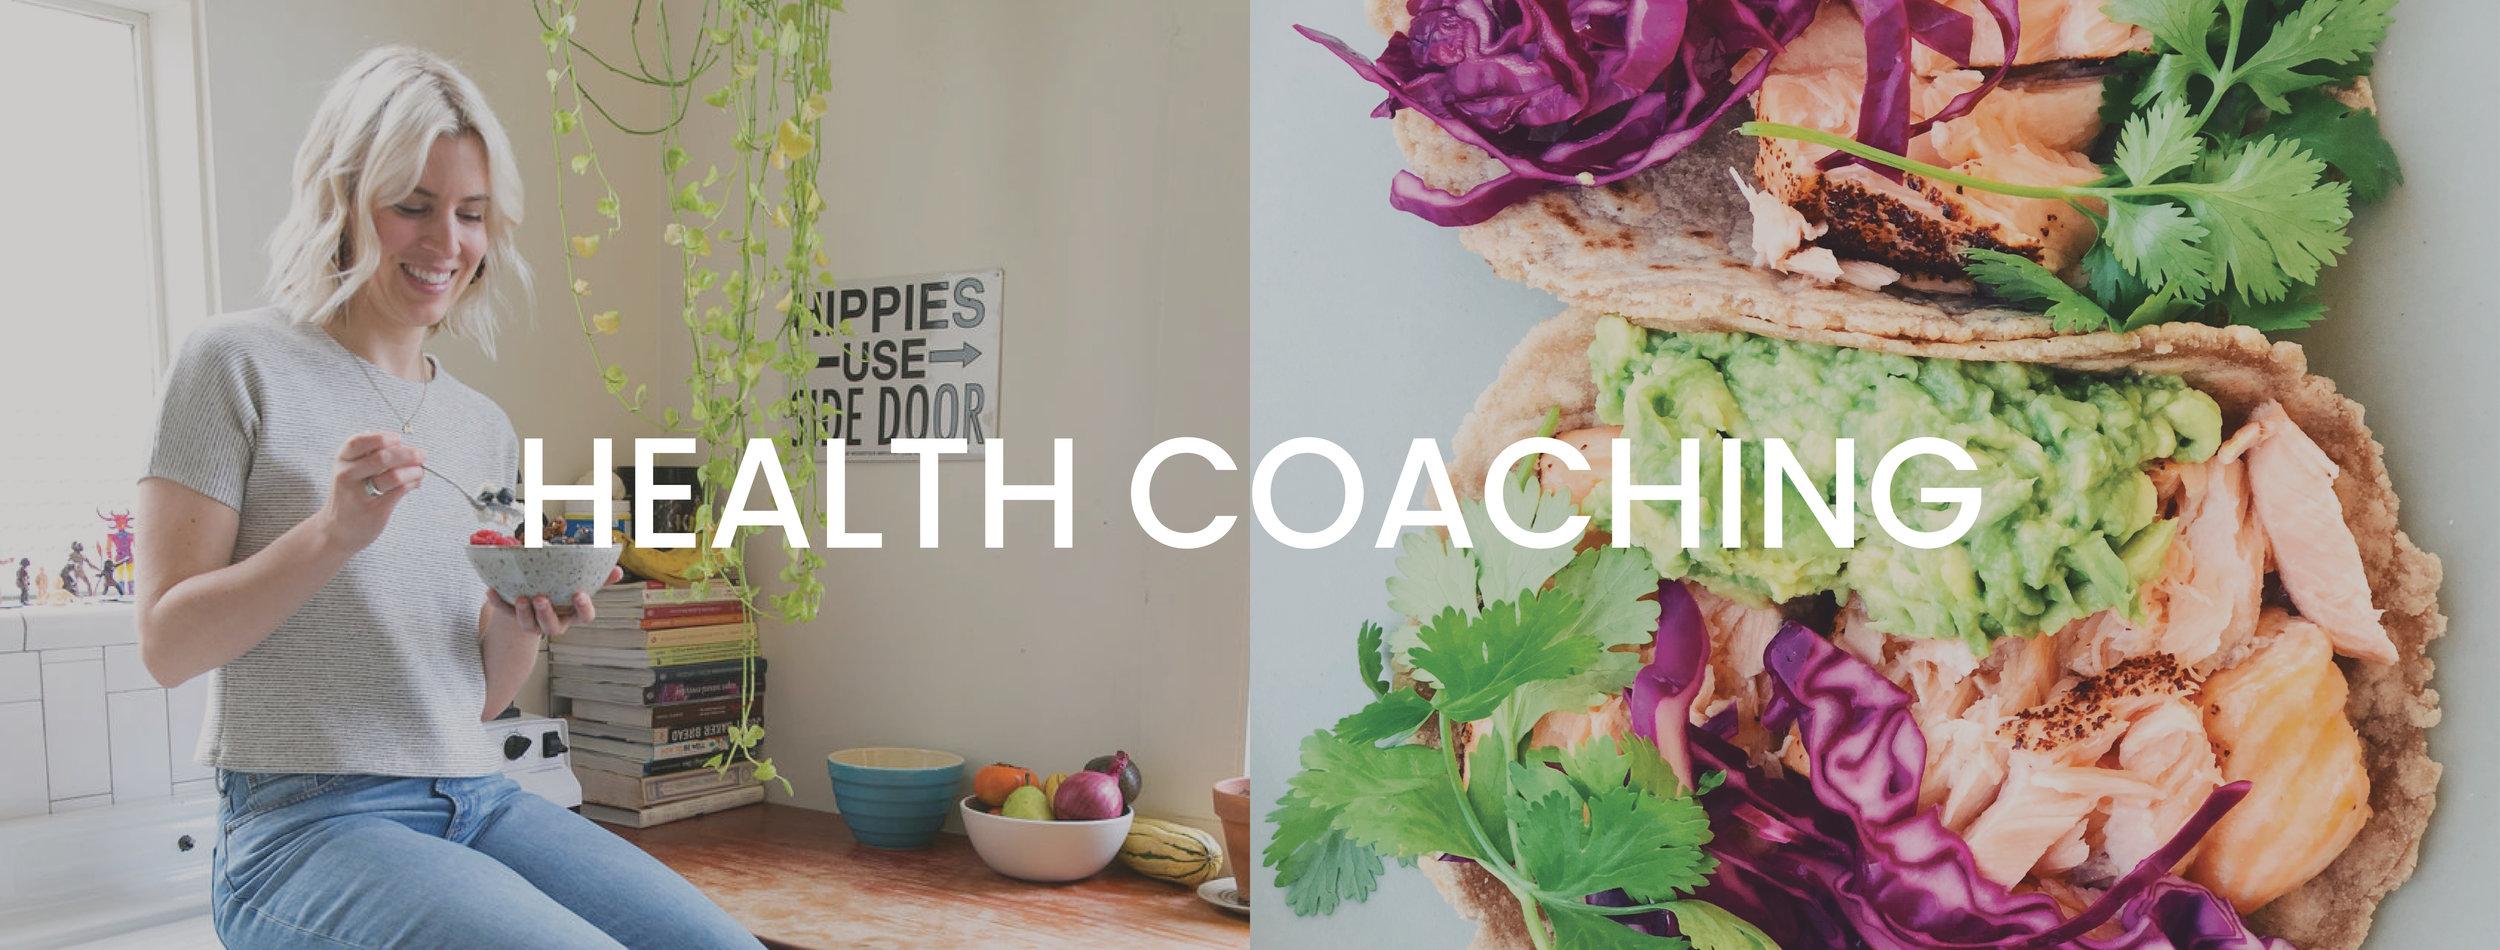 health-coach-banner3.jpg